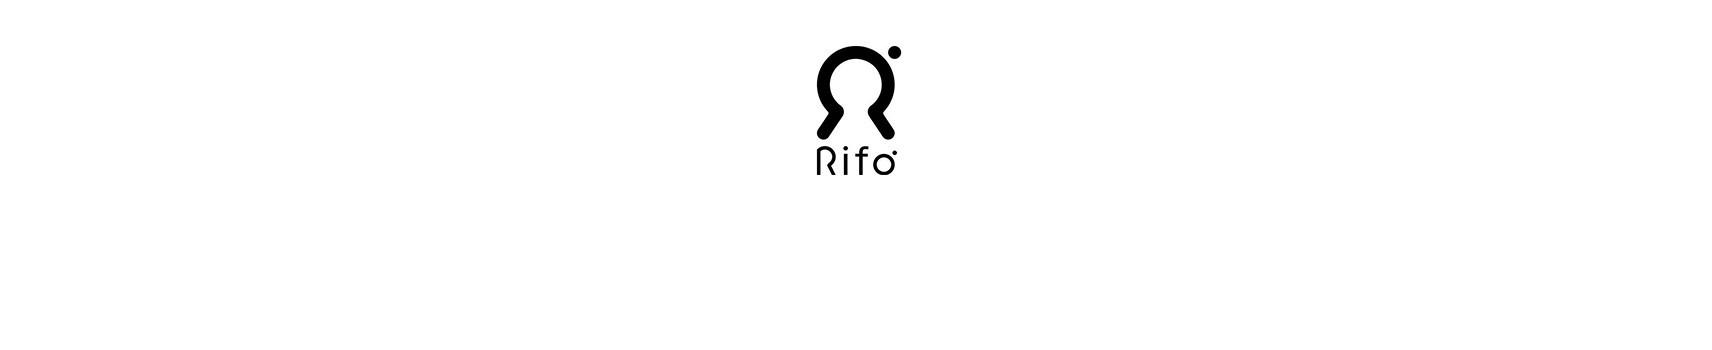 Rifò - Ethical and Sustainable Clothing | Agemina Boutique